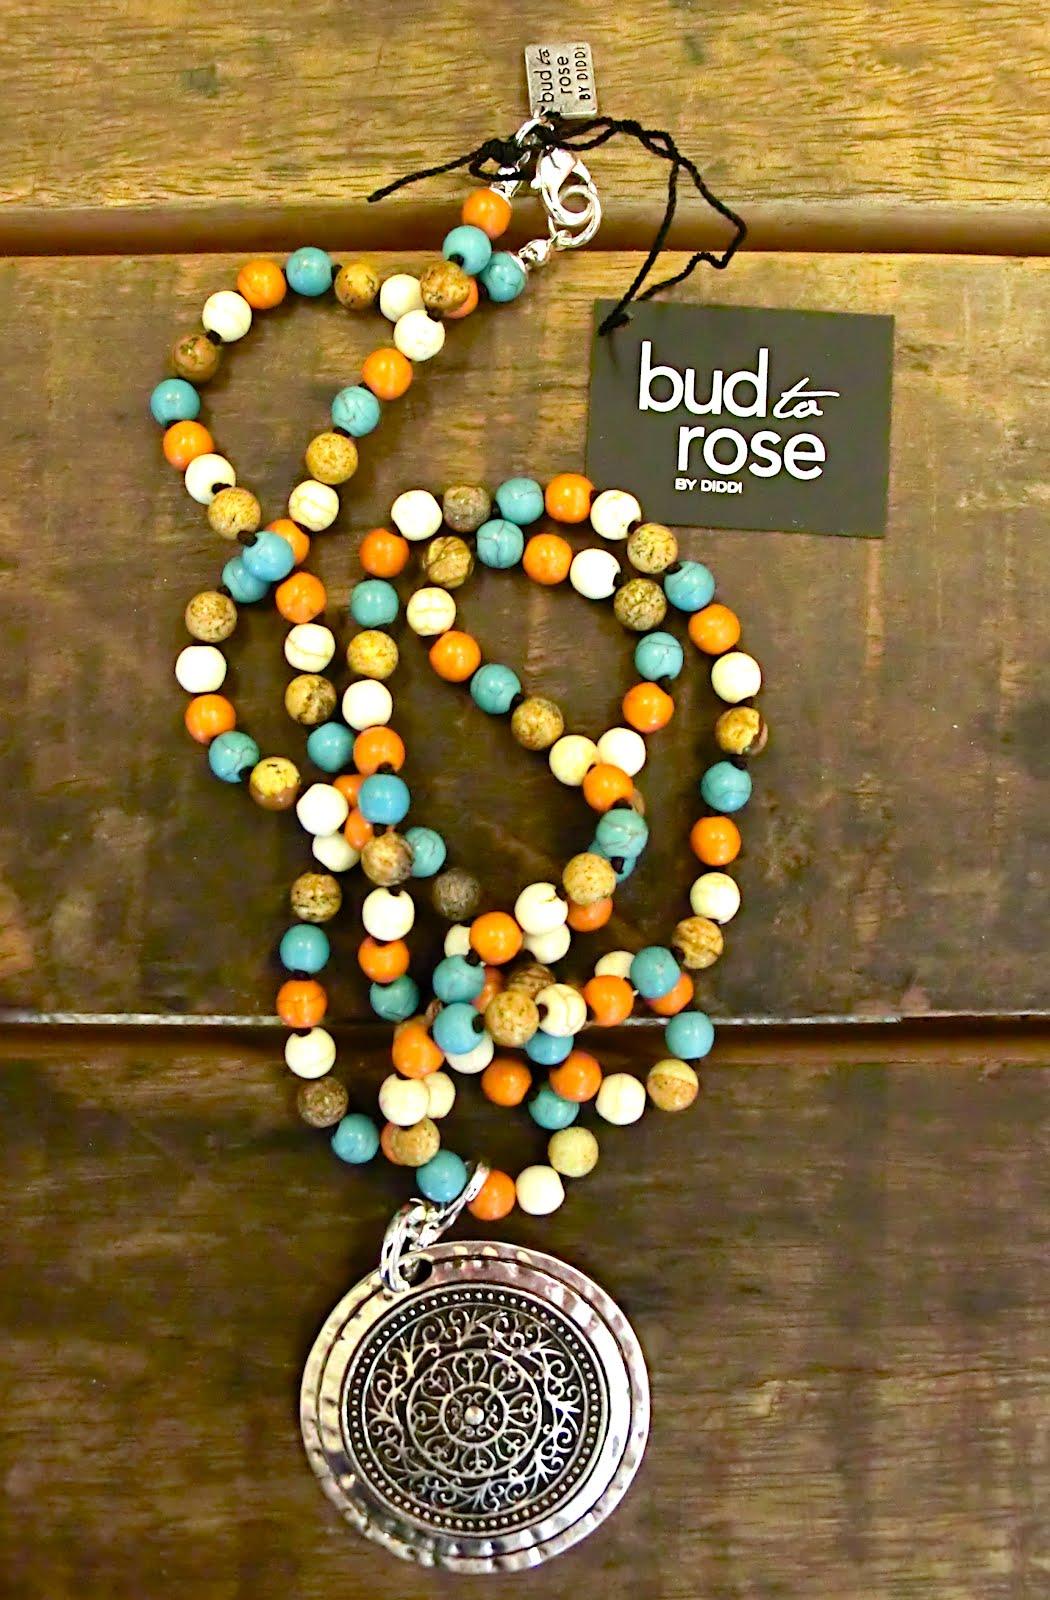 Lite nyheter inför sommaren kom från Diddi igår...Pärlor i  brunt creme orange turkos... Mysiga smycken med sommarkänsla..Här ser ni  några av dom . 9740e9752a81f